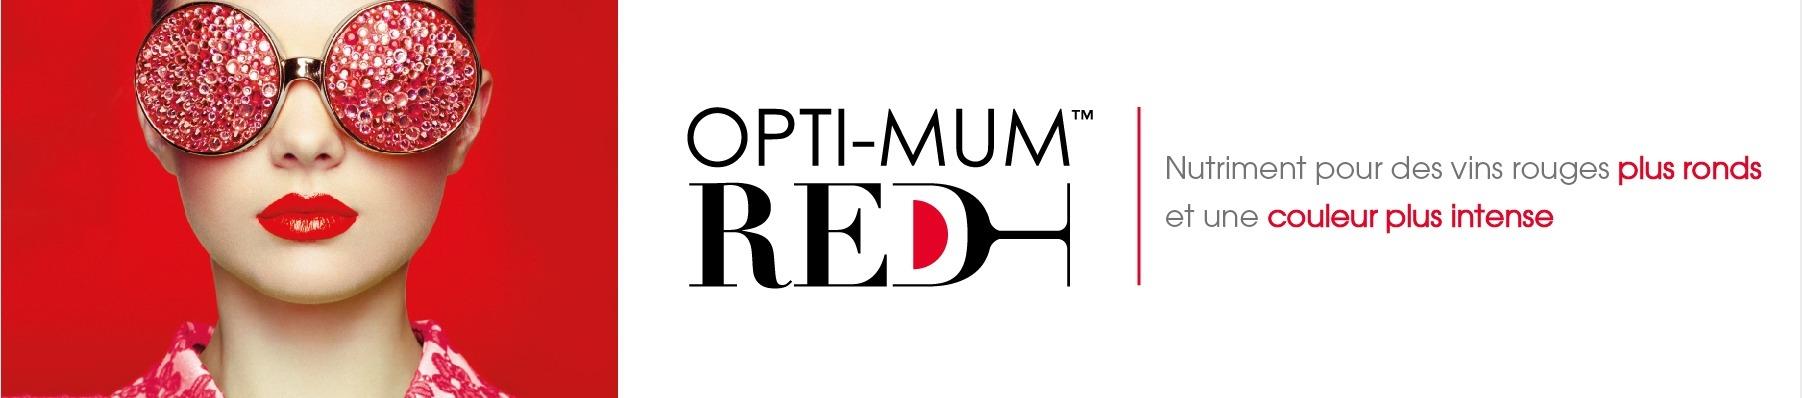 Opti-mum Red